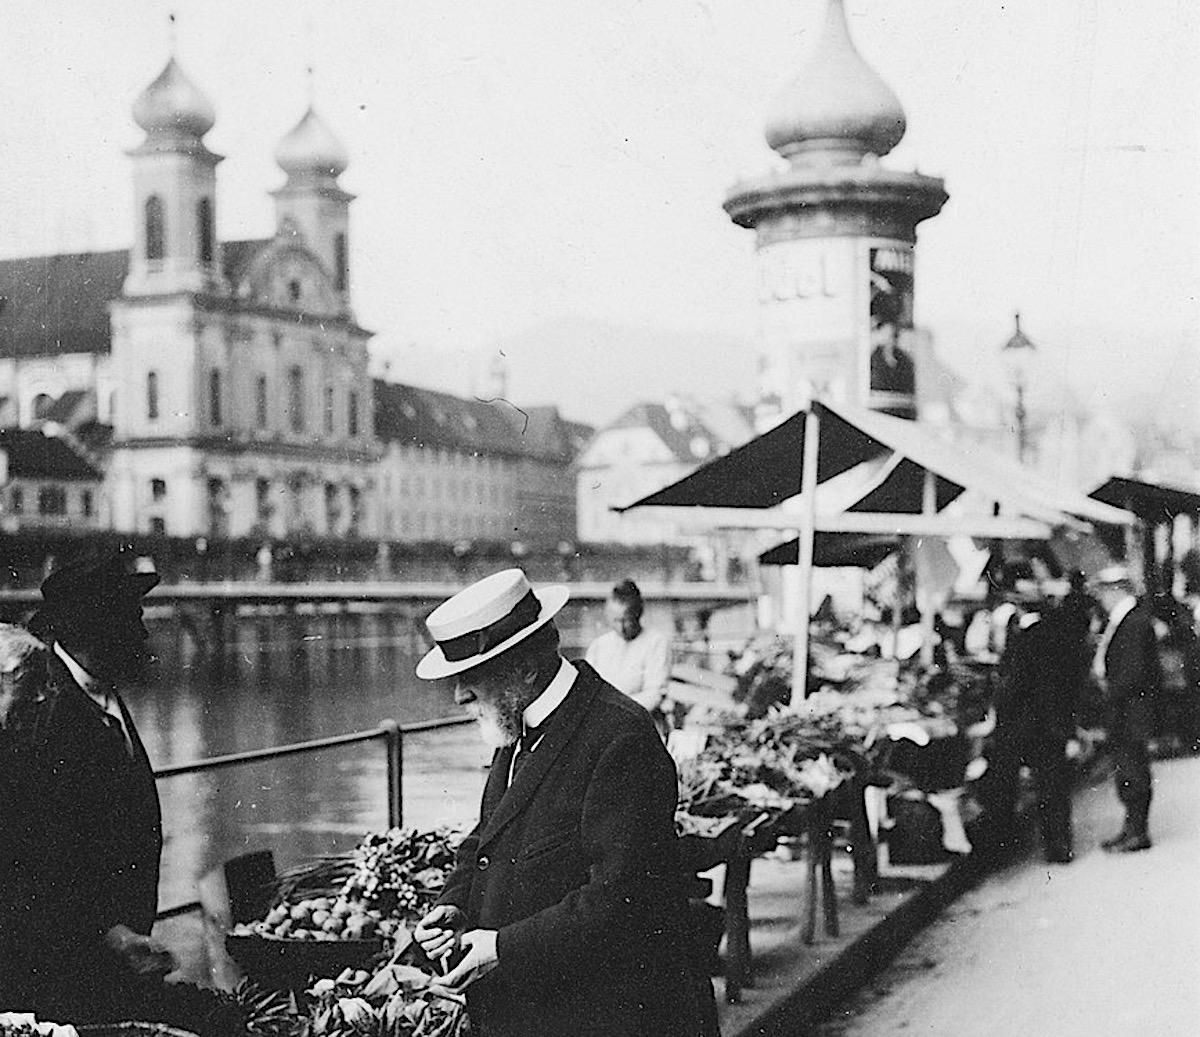 Carl Spitteler am Wochenmarkt: Er war nah an den Leuten und für die politische Neutralität.